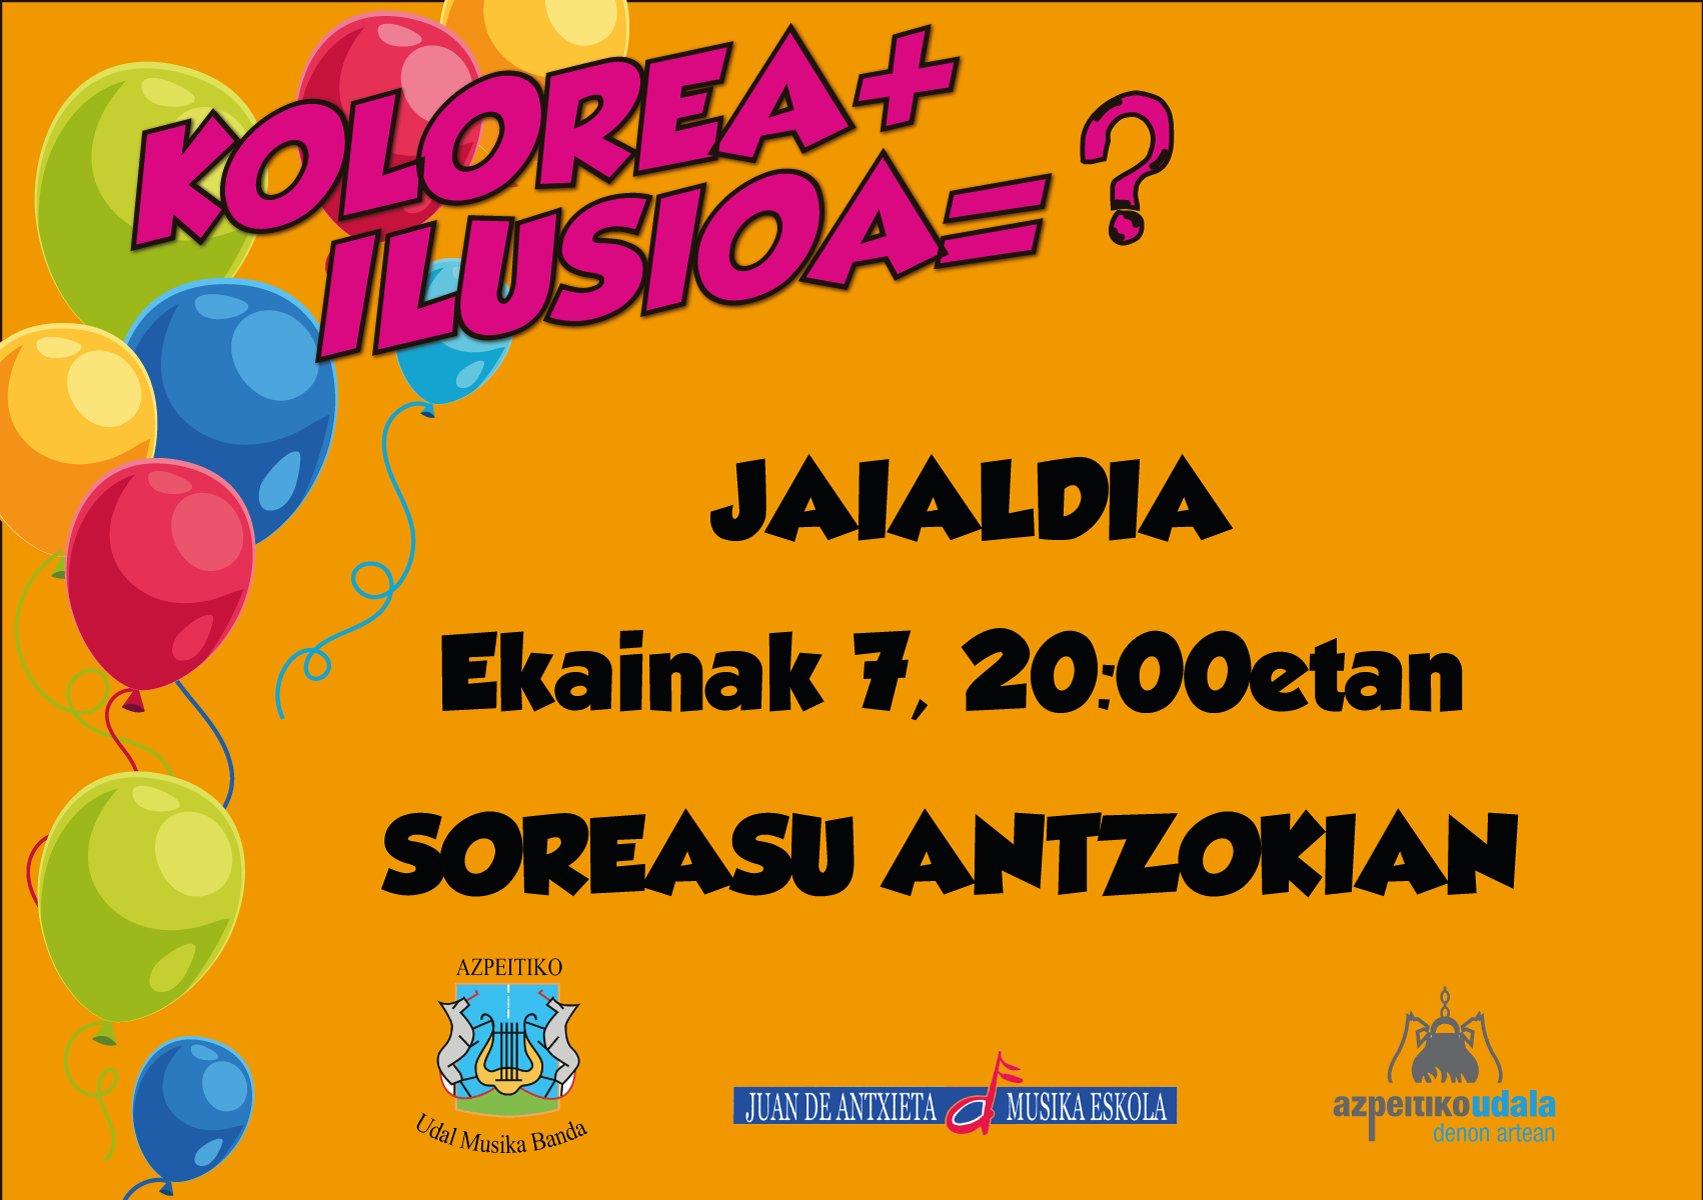 Kolorea+ilusioa=?